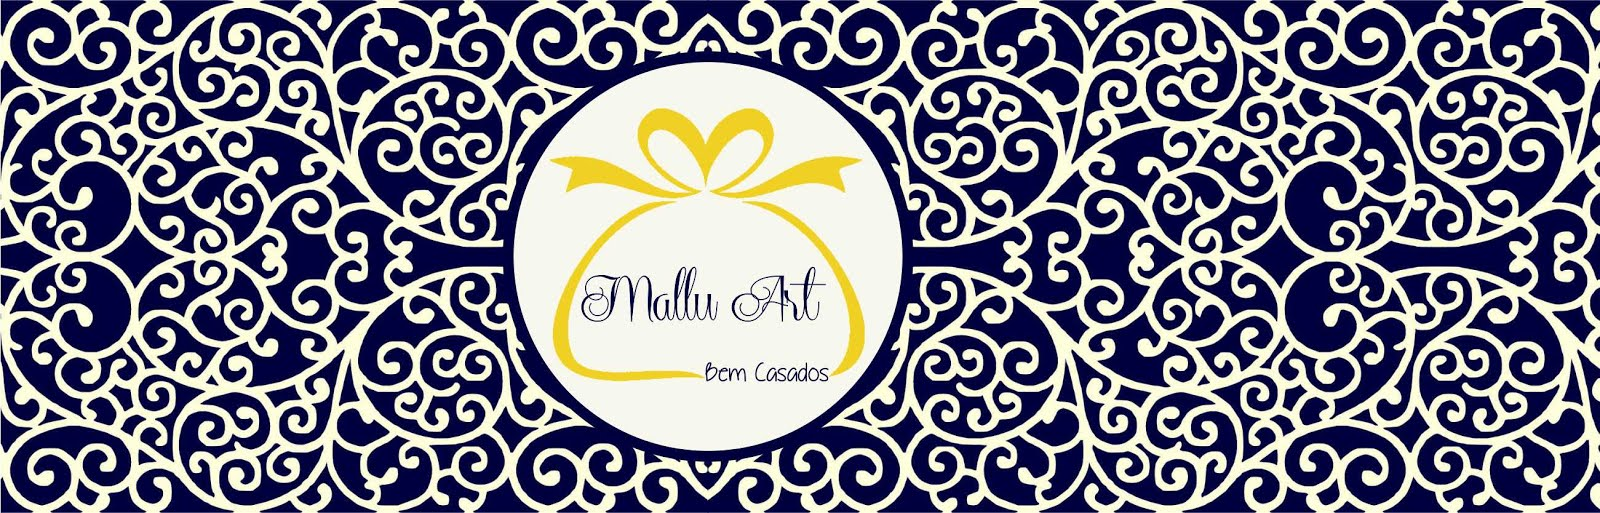 Mallu Art - Cupcakes e bem casados